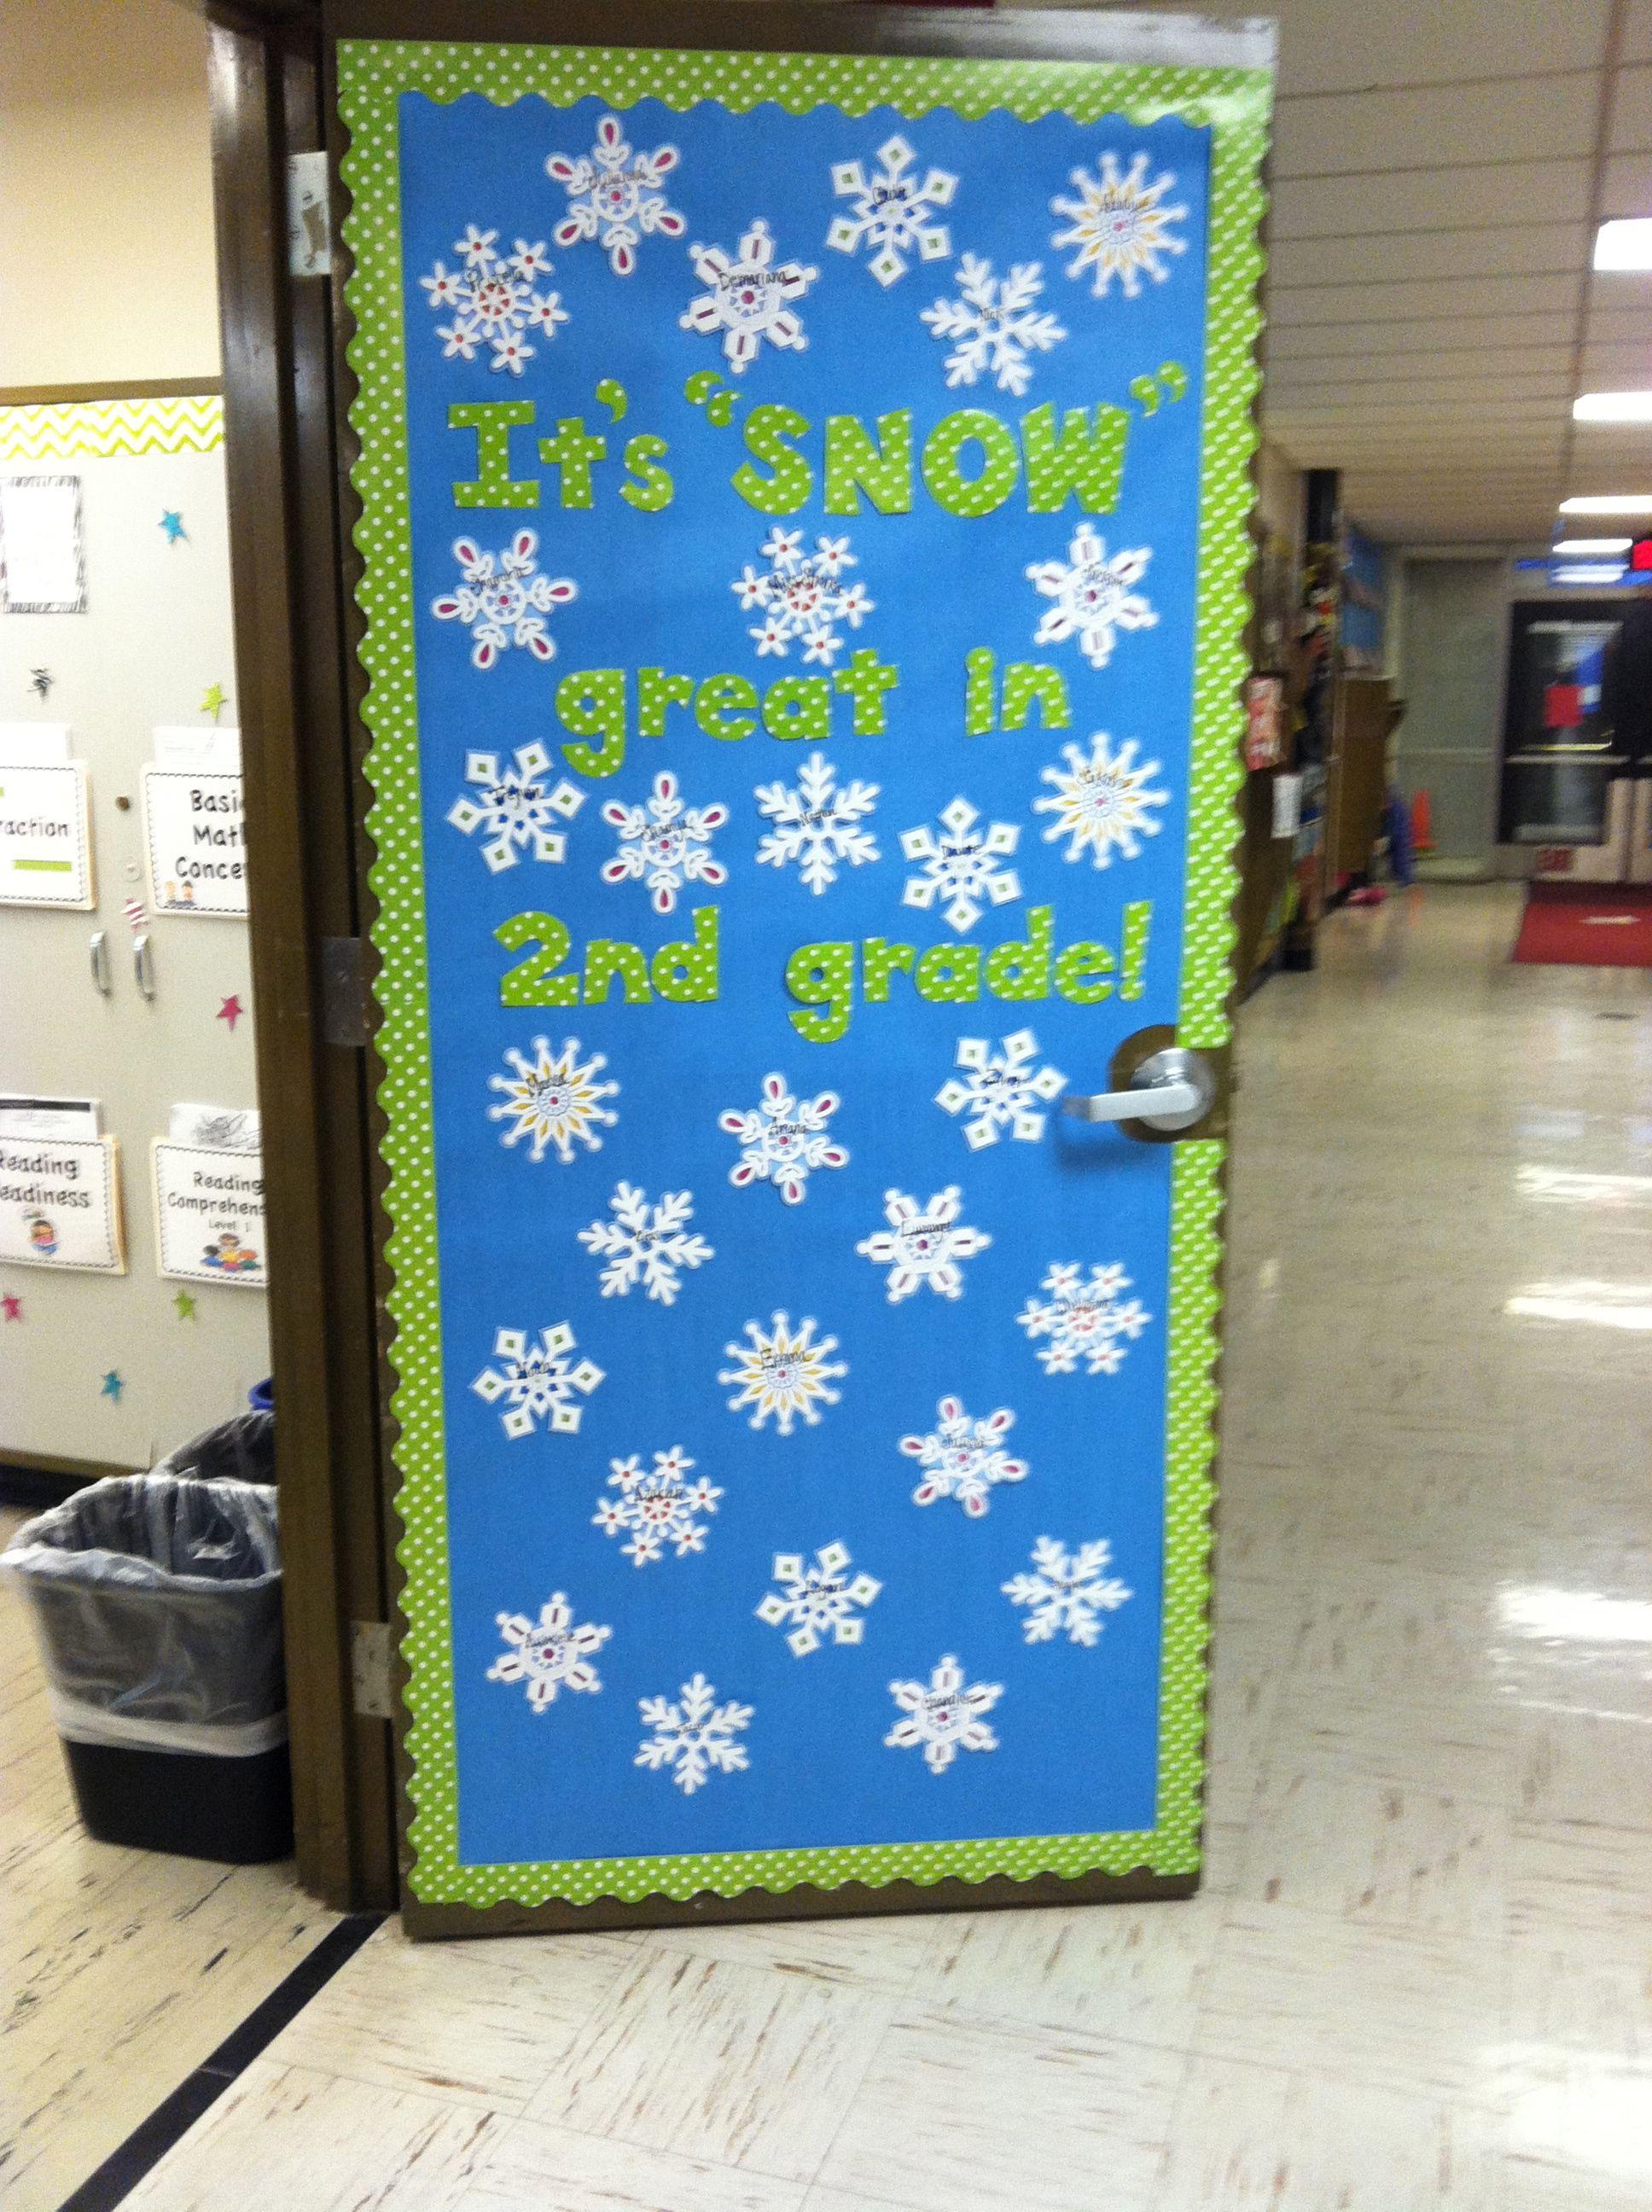 My New Classroom Door It S Snow Great In 2nd Grade